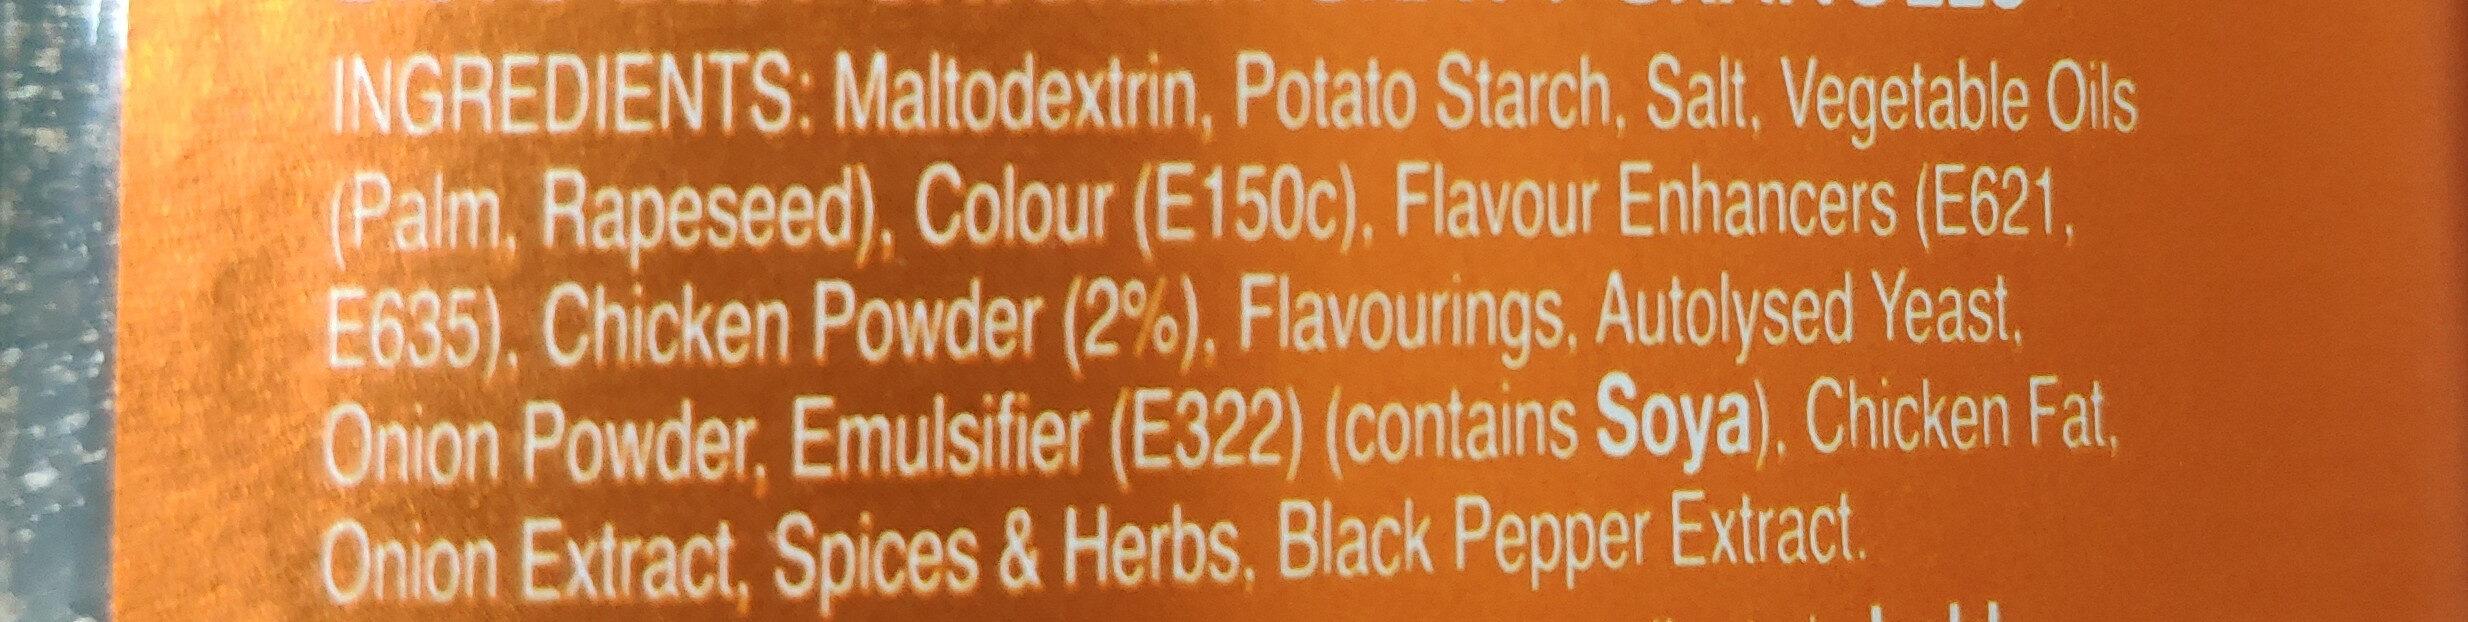 Bisto Best Chicken Gravy - Ingredients - en